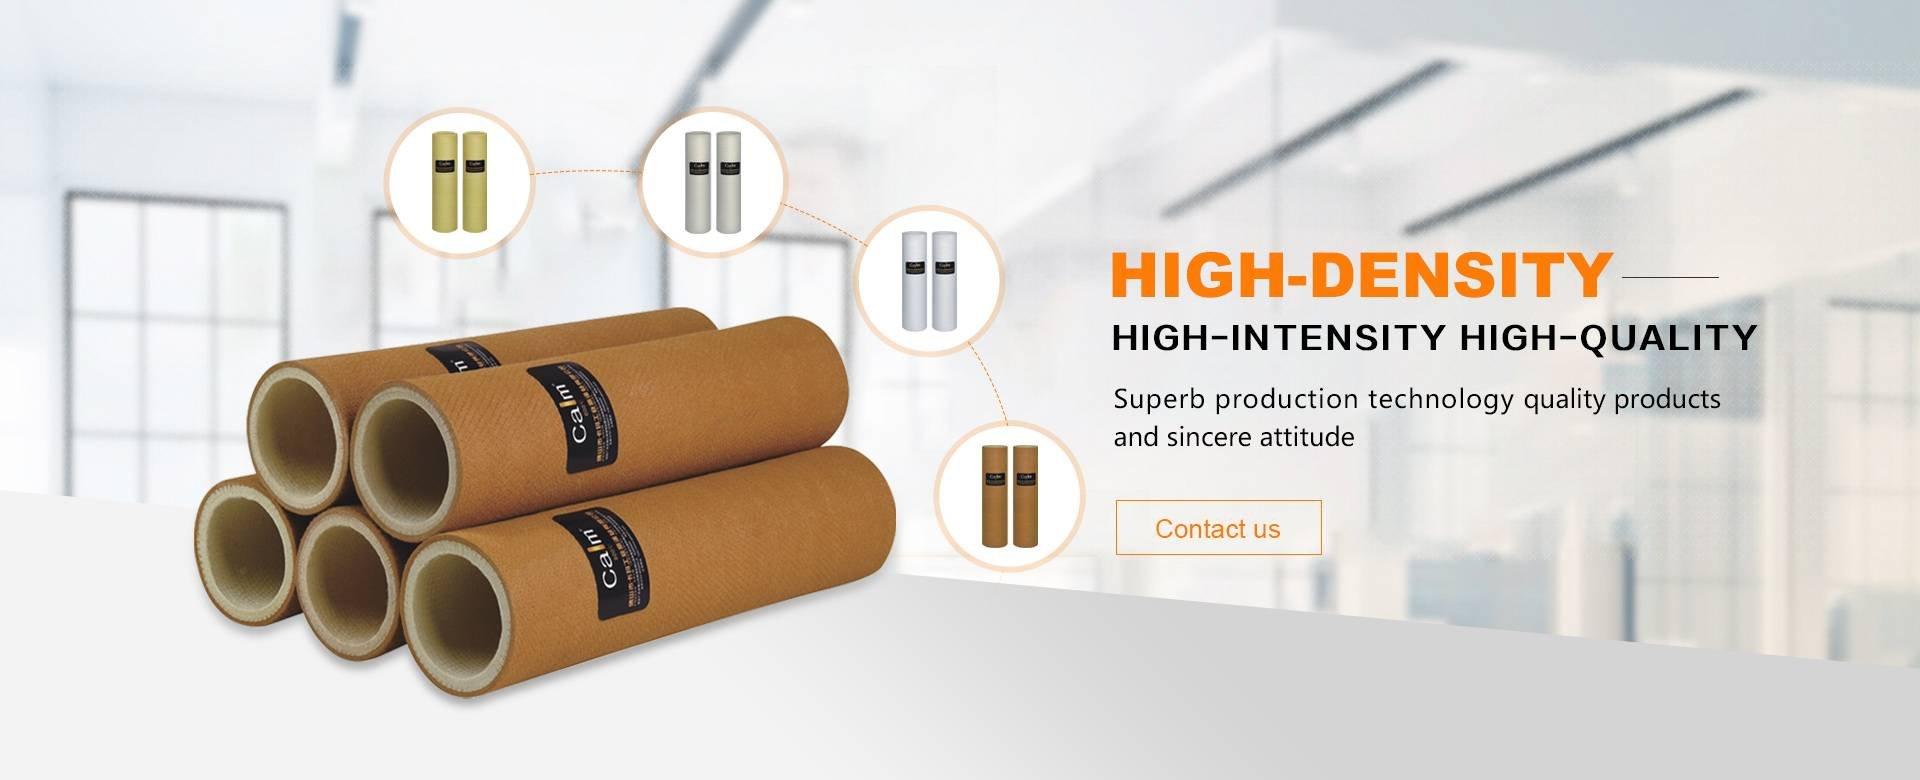 600 pbo roller tube